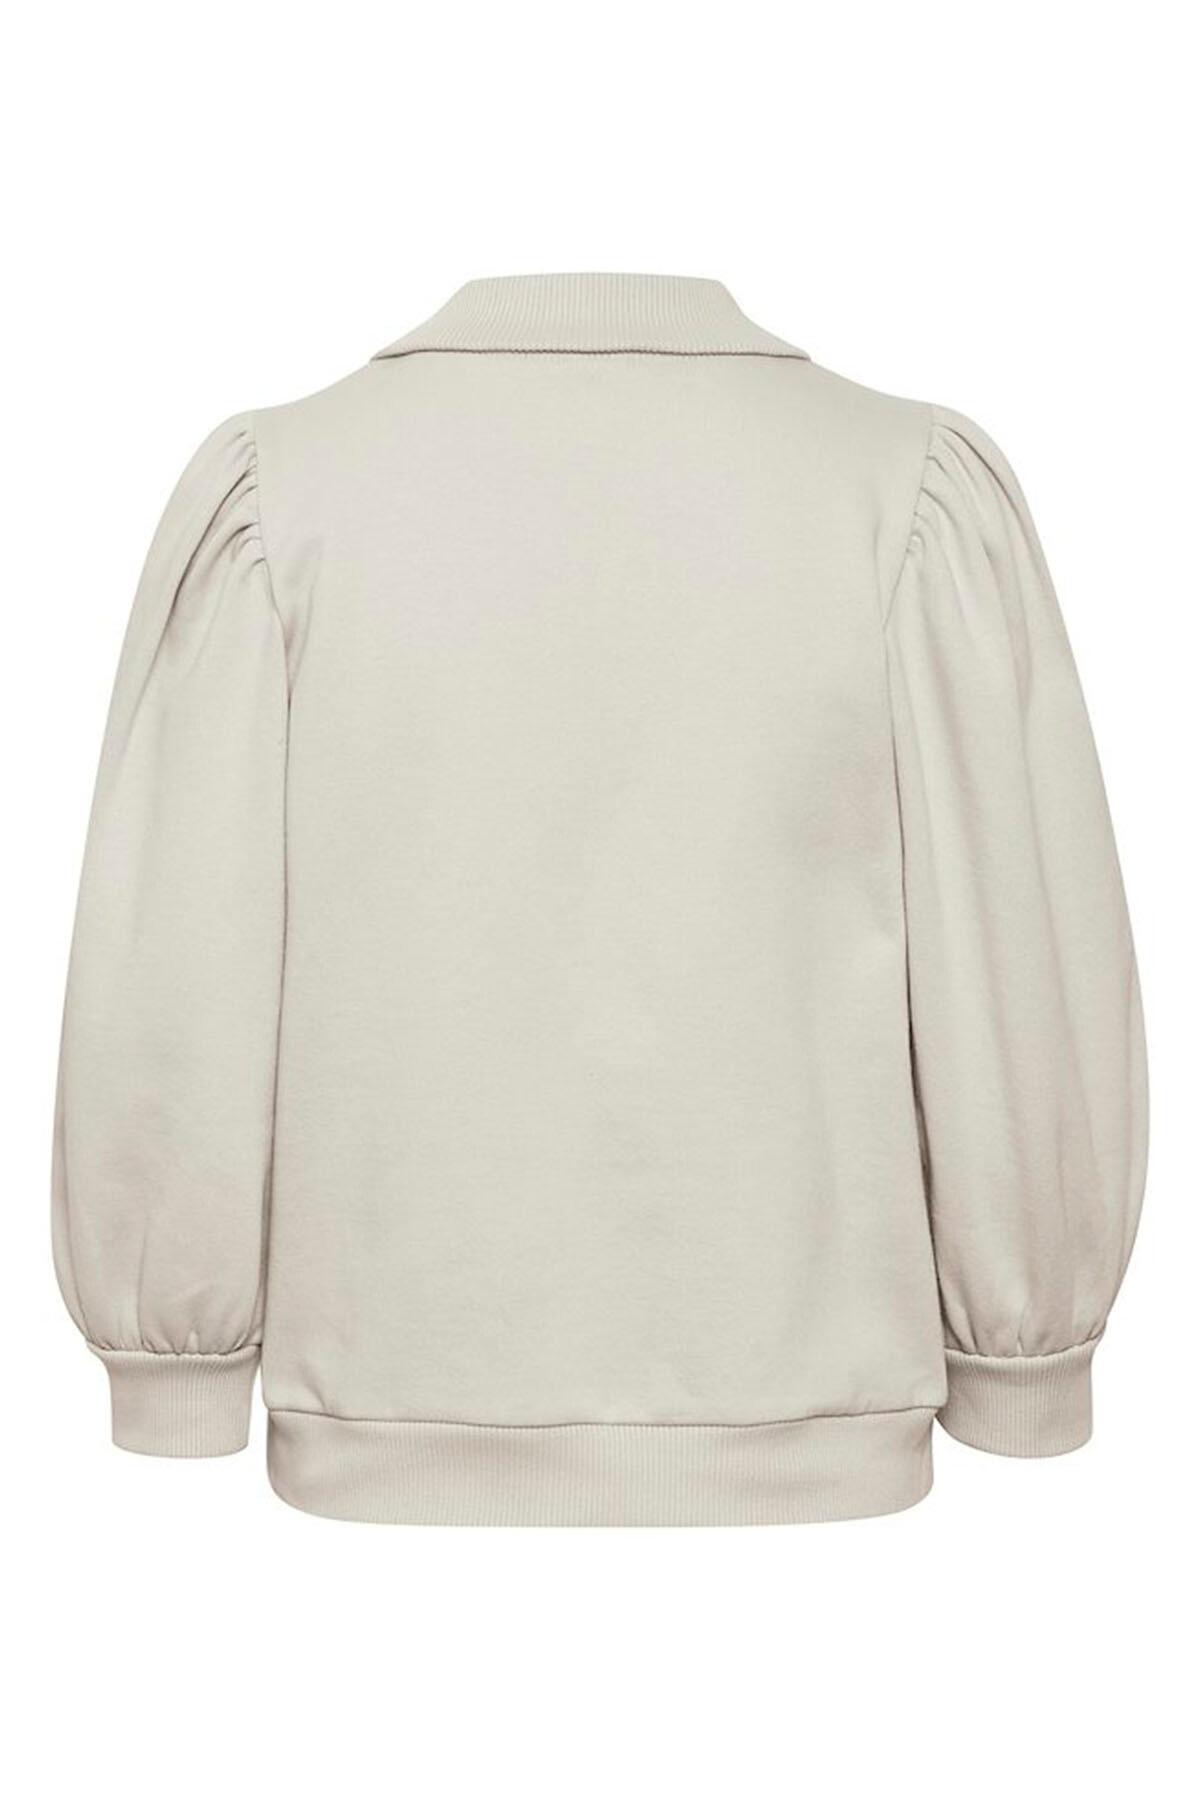 Nankita Moonbeam Sweater-5